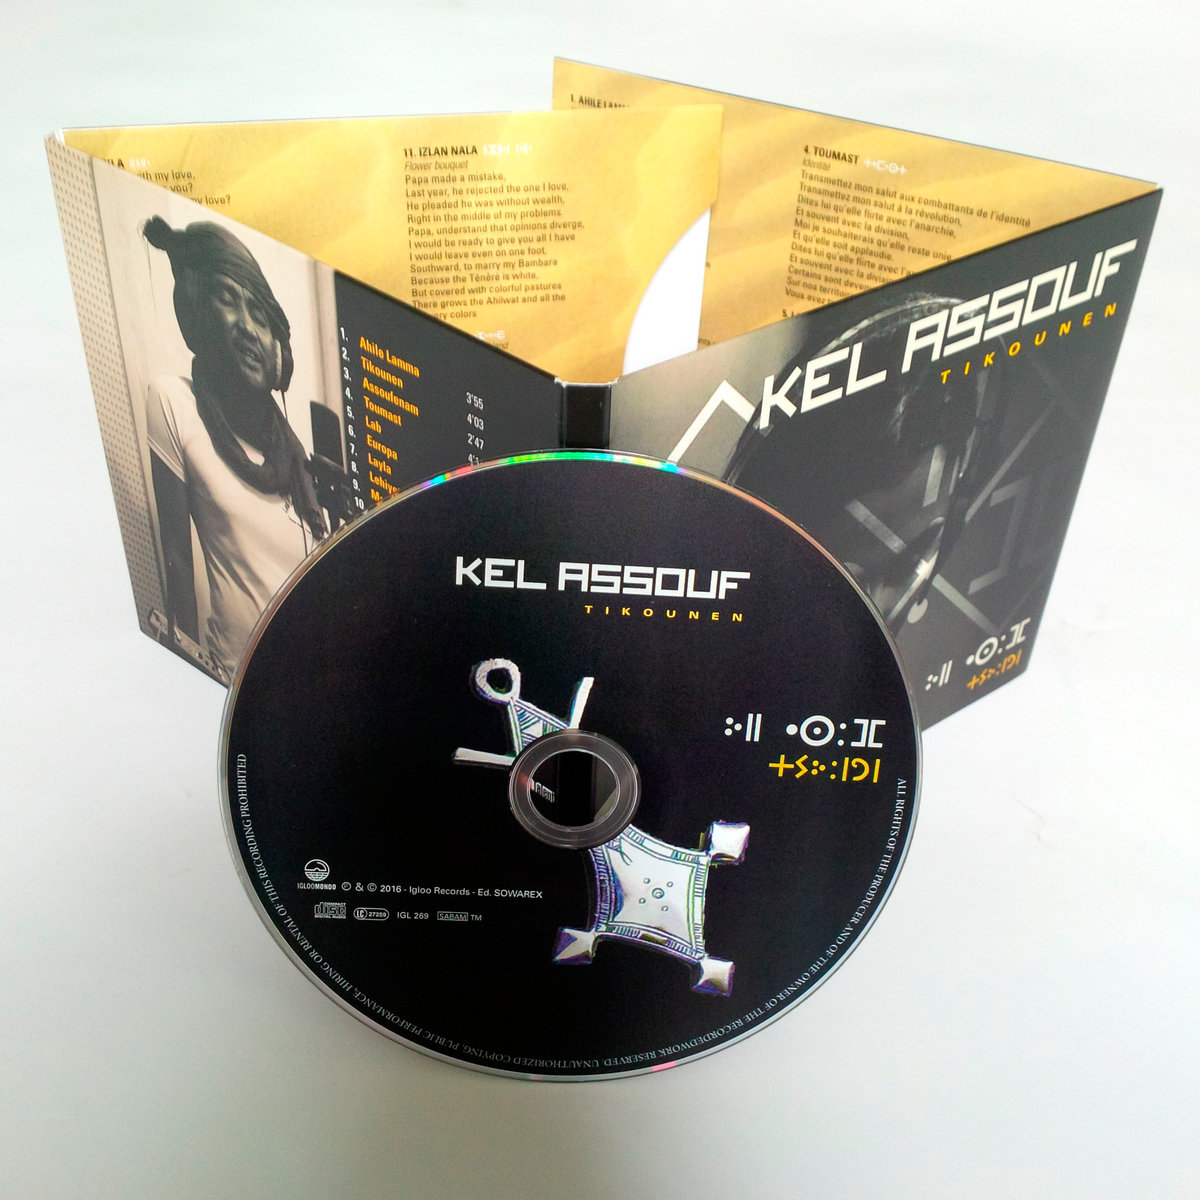 Gorgeous cd pound